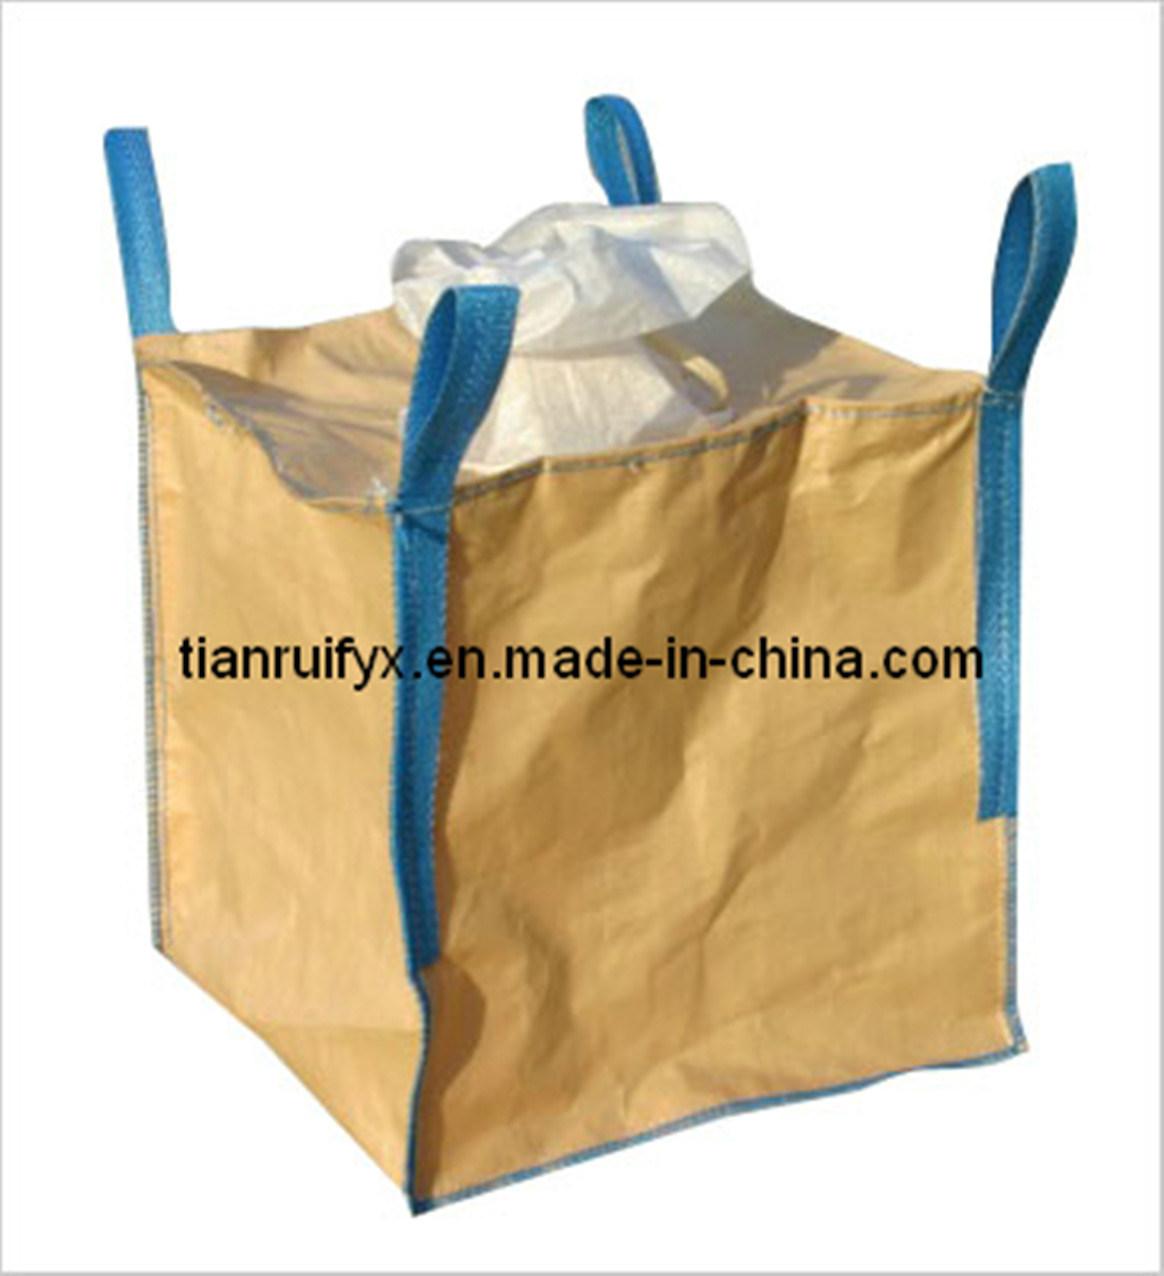 1000kg PP Big Bag for Sand, Cement (KR017)